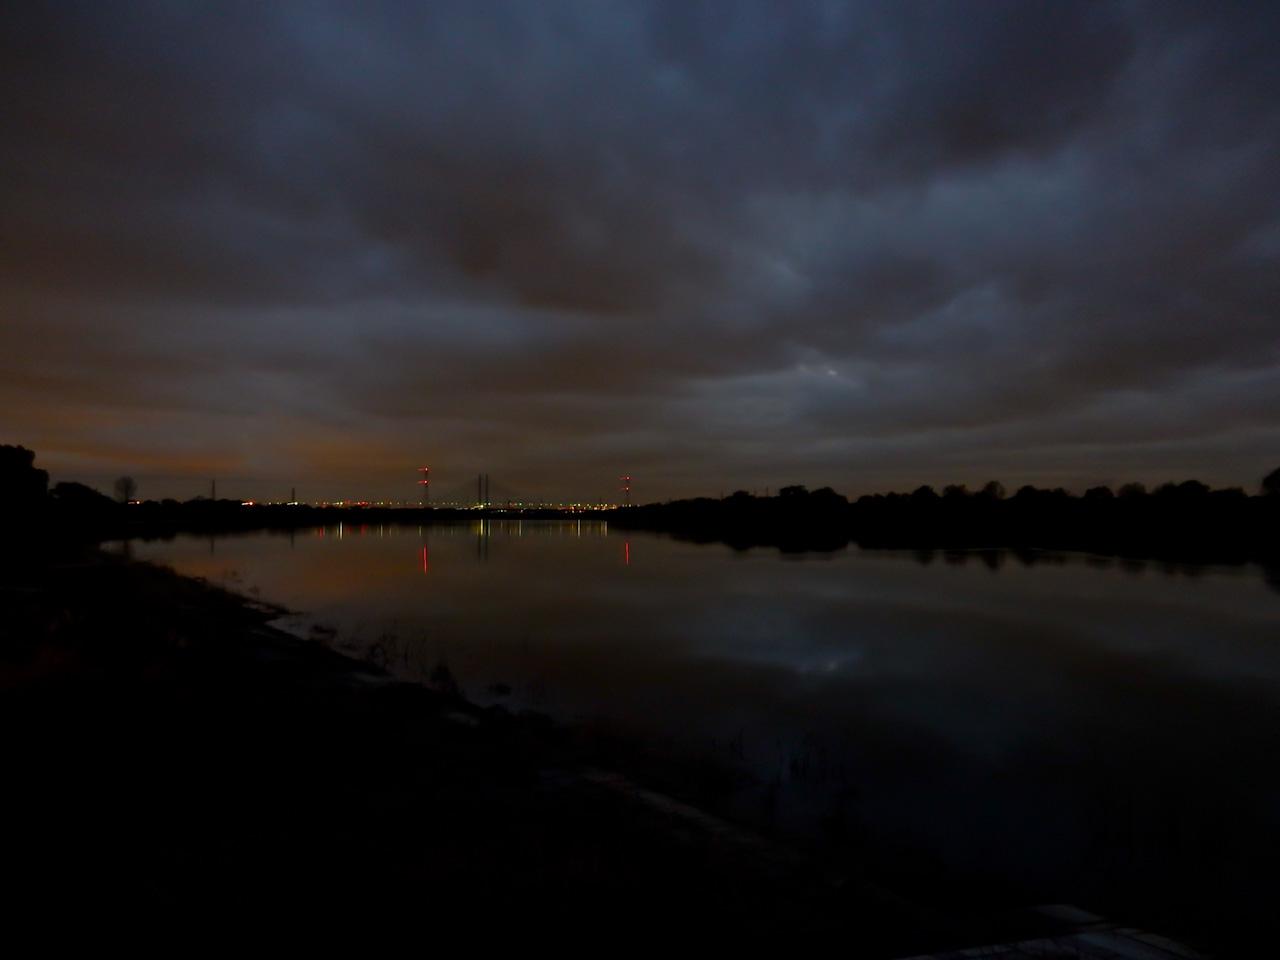 荒川サイクリングロード 彩湖 夜景